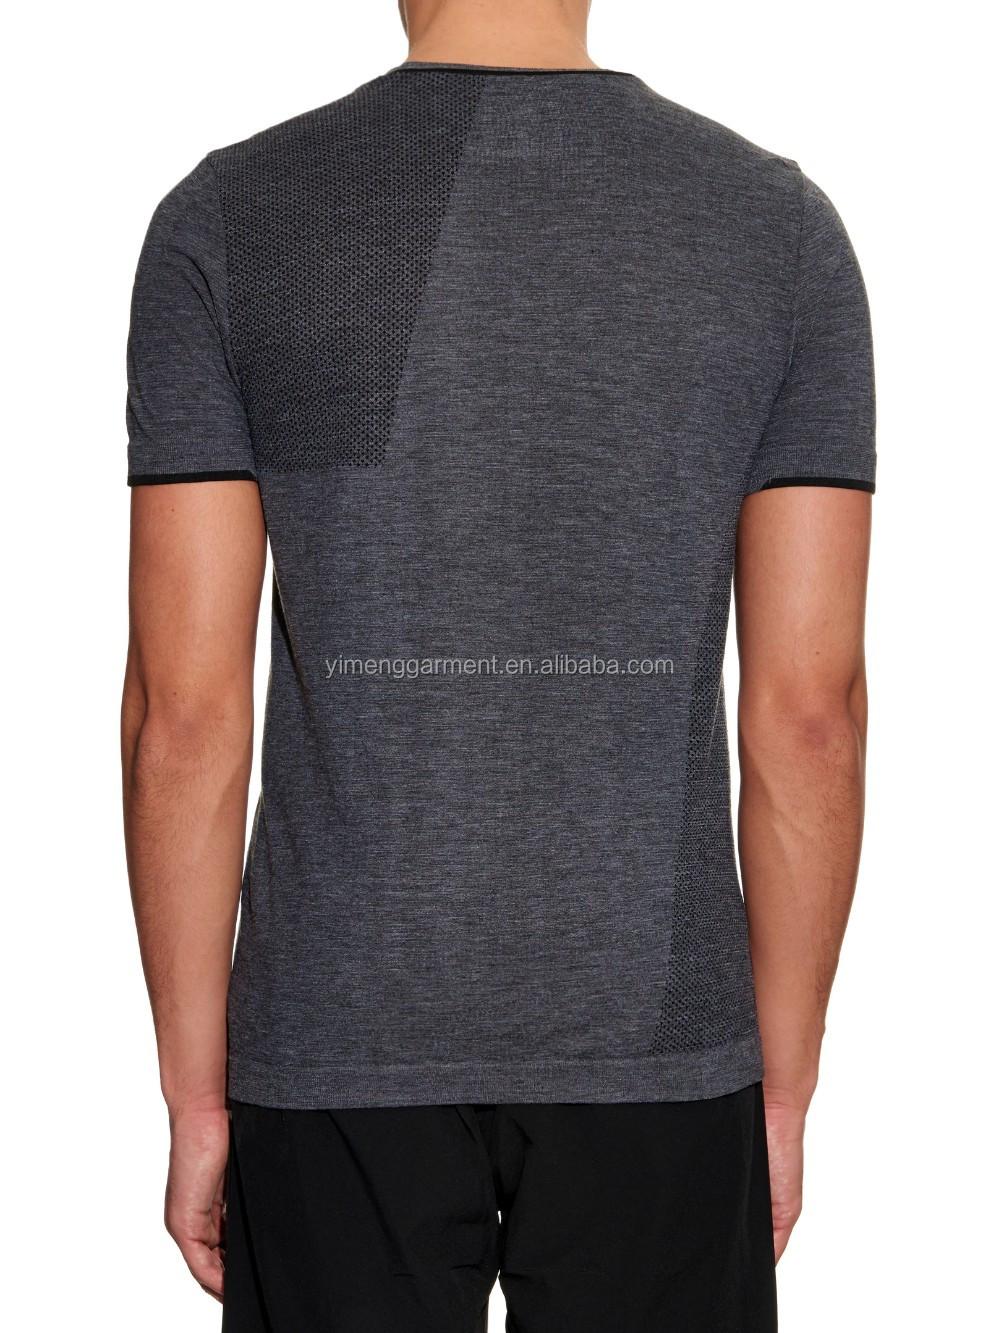 Plain mens o neck shirt plain high quality t shirt for Plain quality t shirts